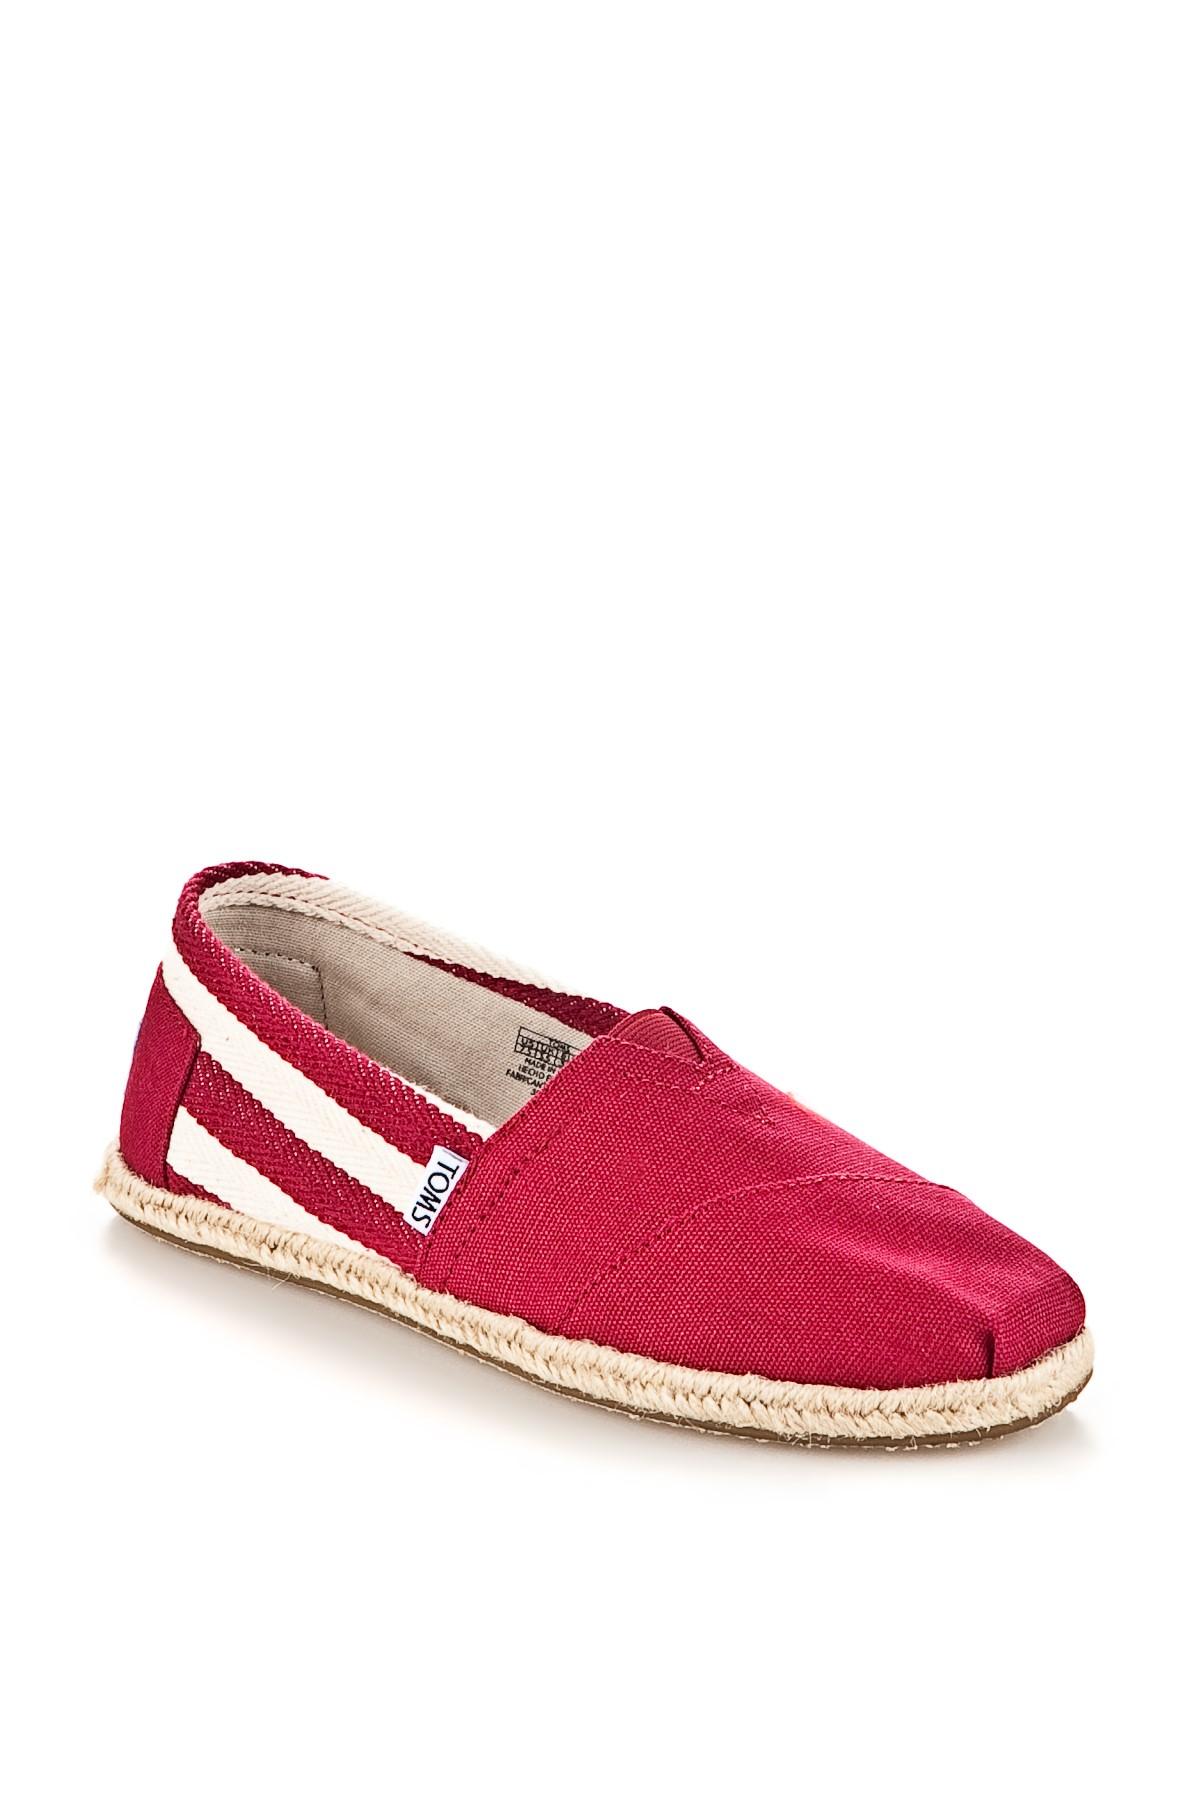 University Klasik Alpargata Kadın Ayakkabı 10005421